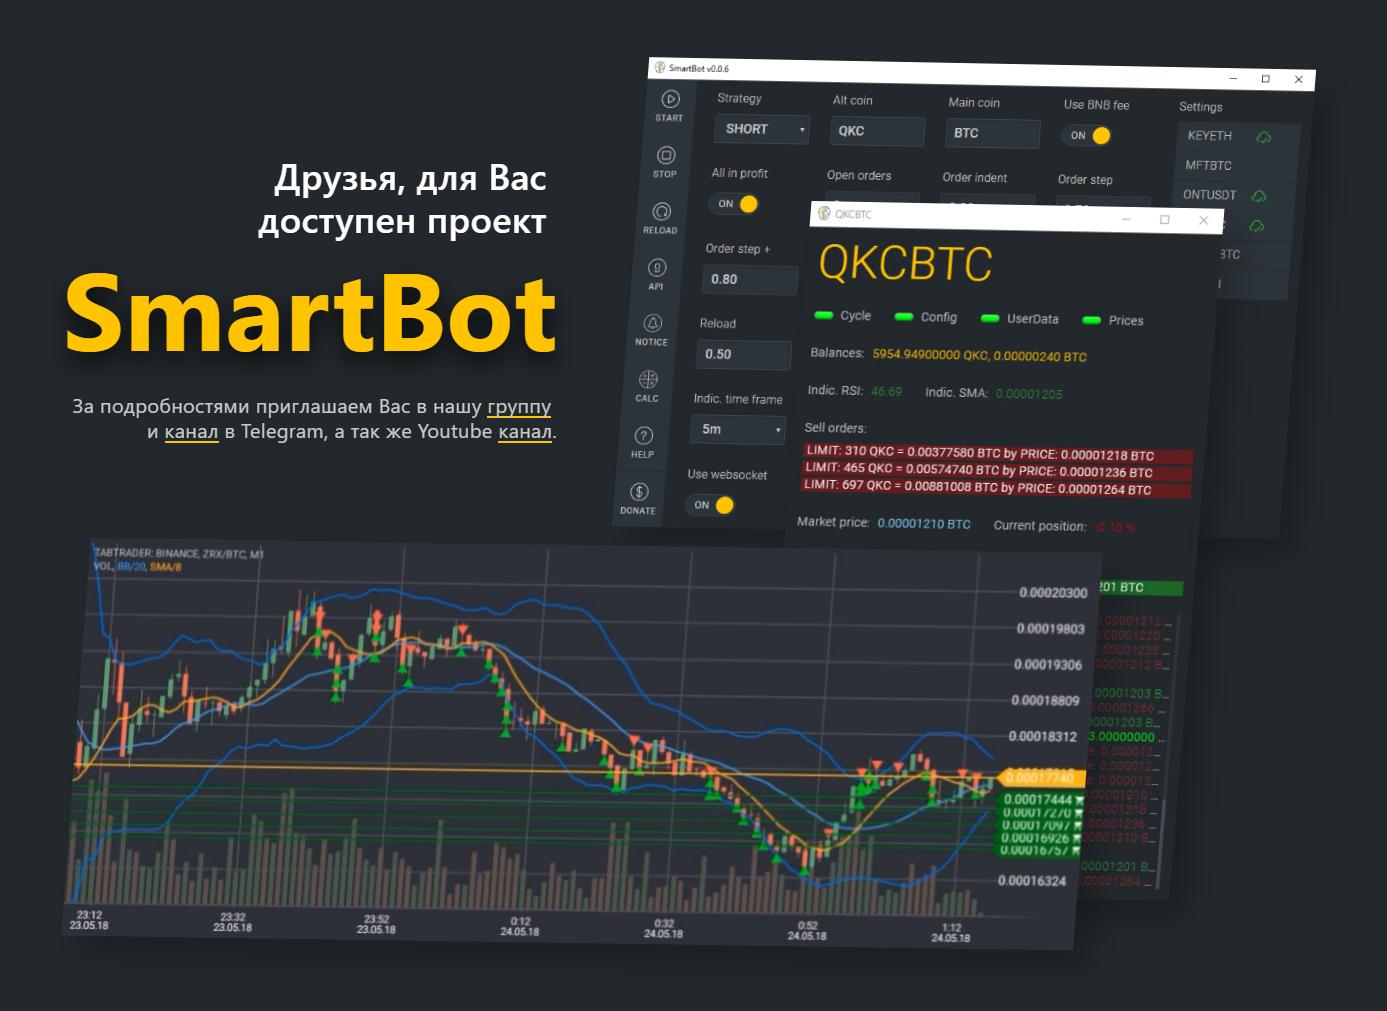 Ип для торговли на бирже учеба торговли на форекс